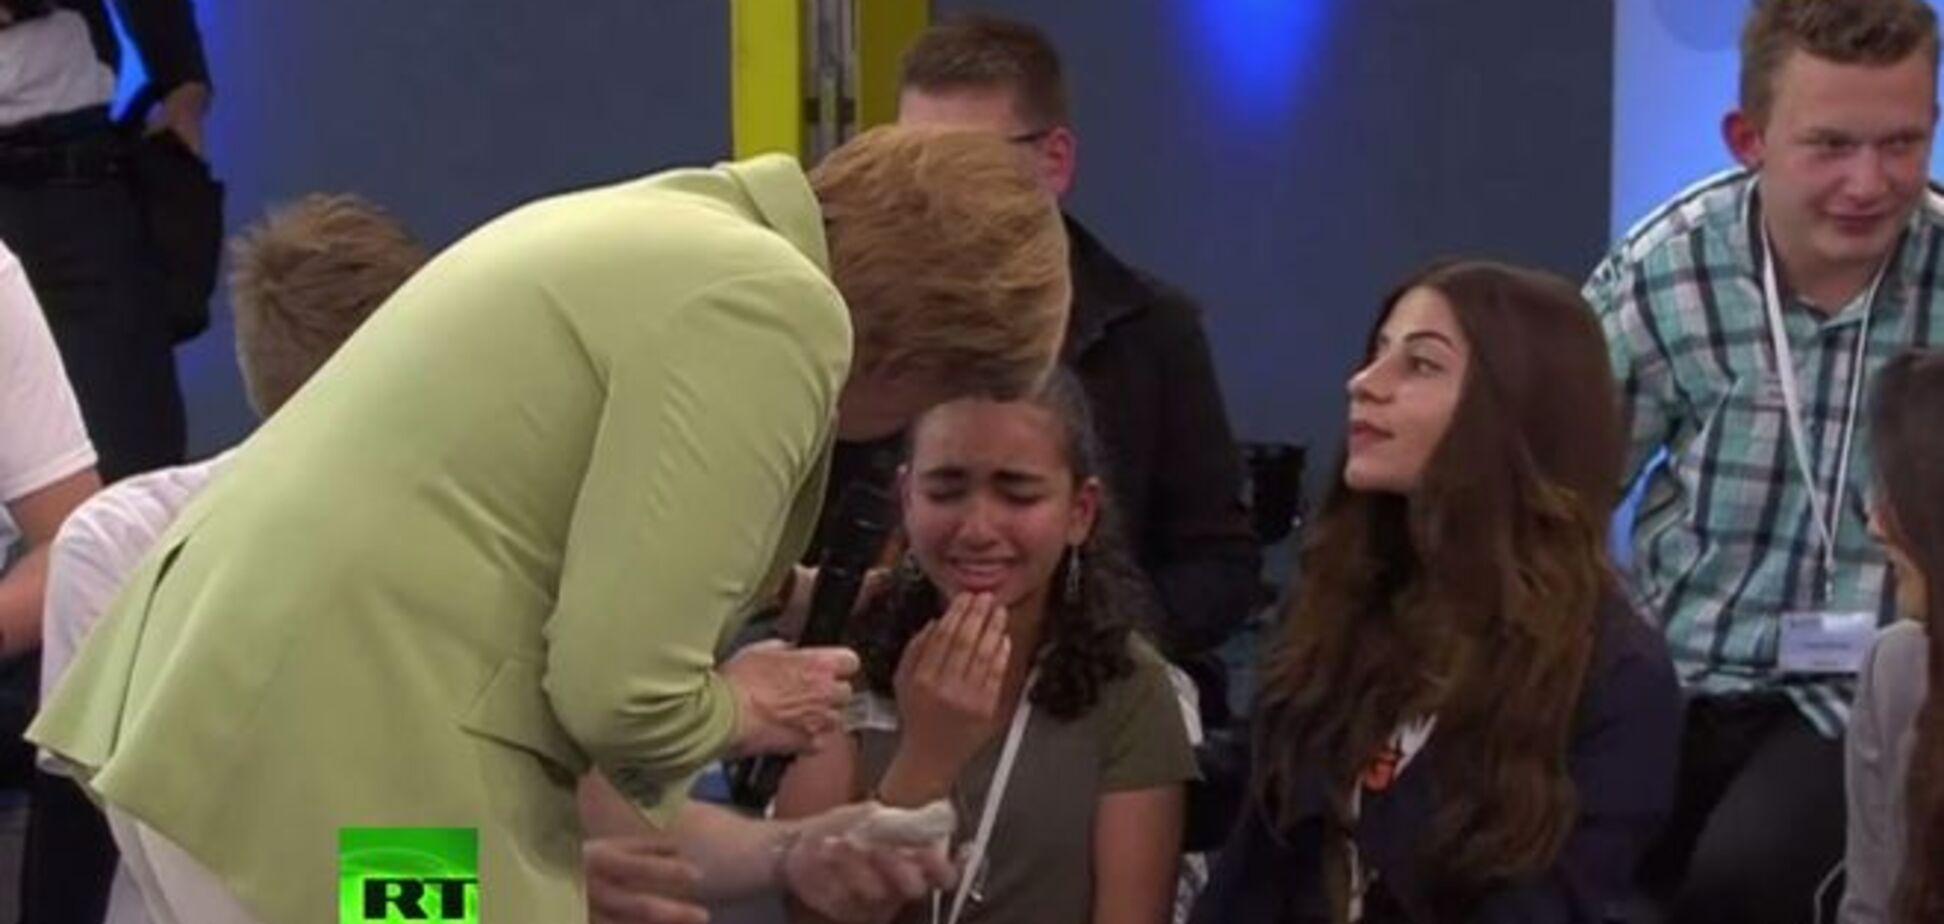 Палестинській дівчинці, яку Меркель довела до сліз, дозволили залишитися в Німеччині